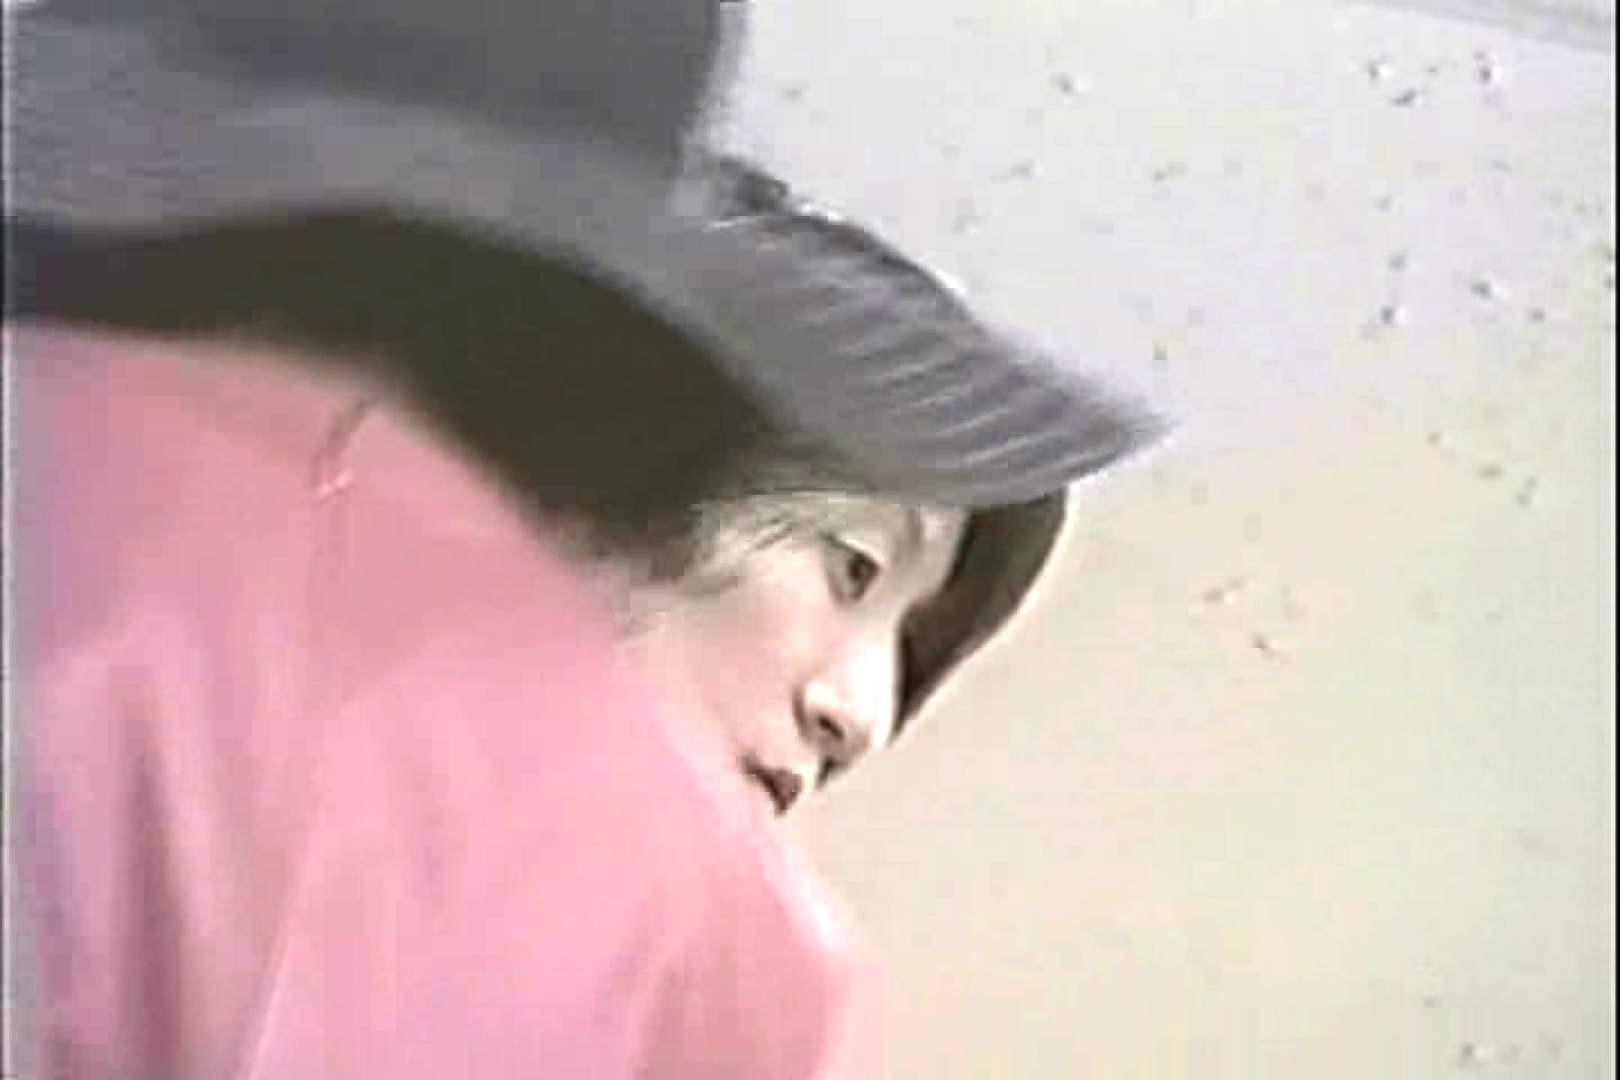 「ちくりん」さんのオリジナル未編集パンチラVol.3_01 お姉さんヌード  100画像 12